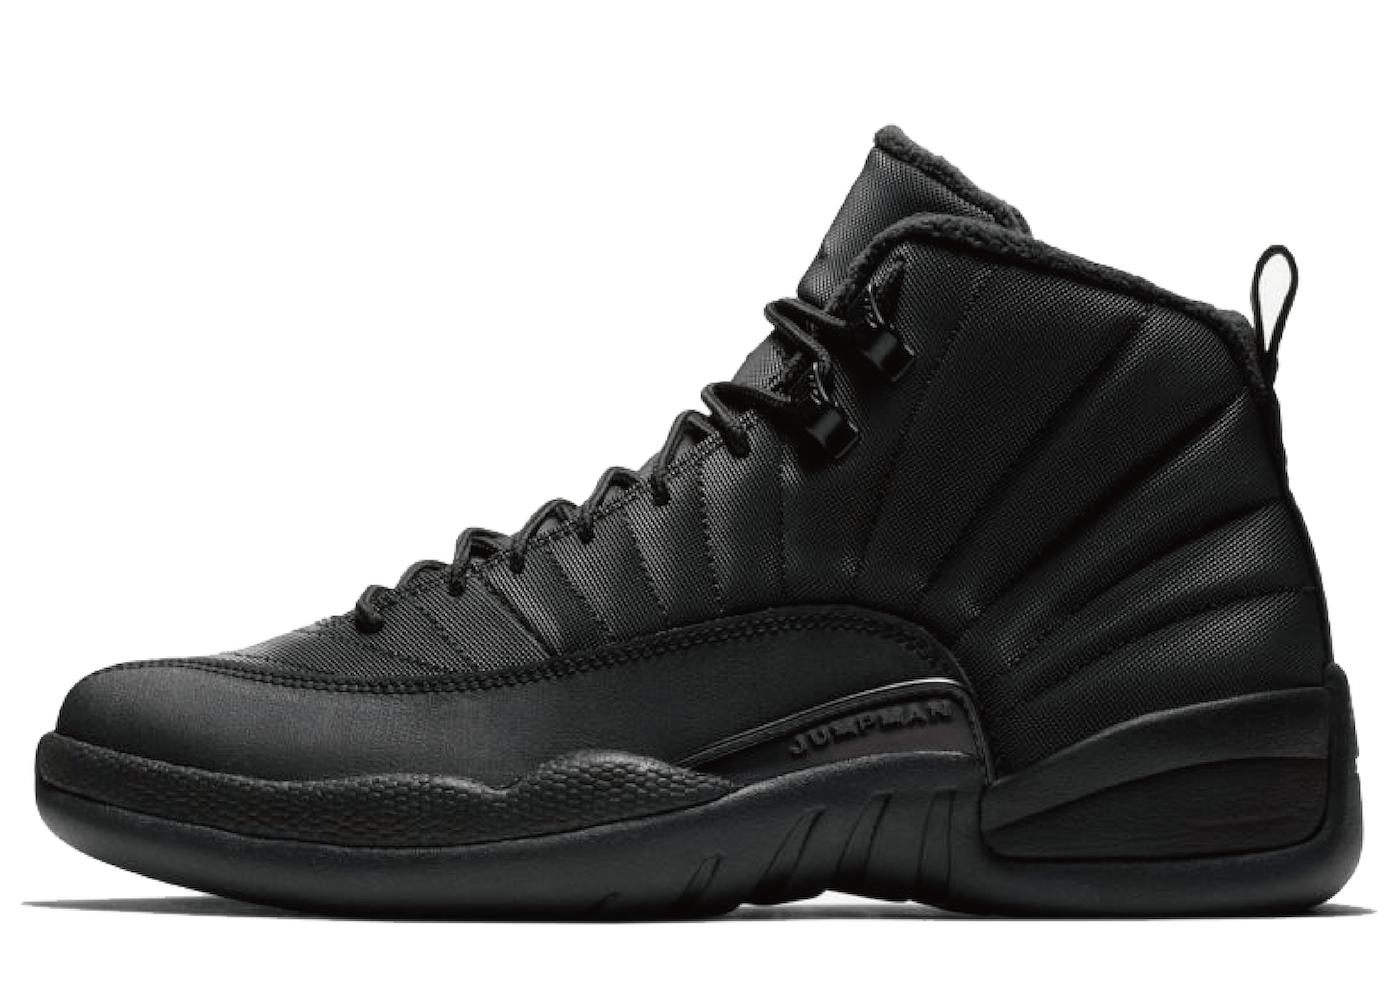 Nike Air Jordan 12 Retro Winter Blackの写真